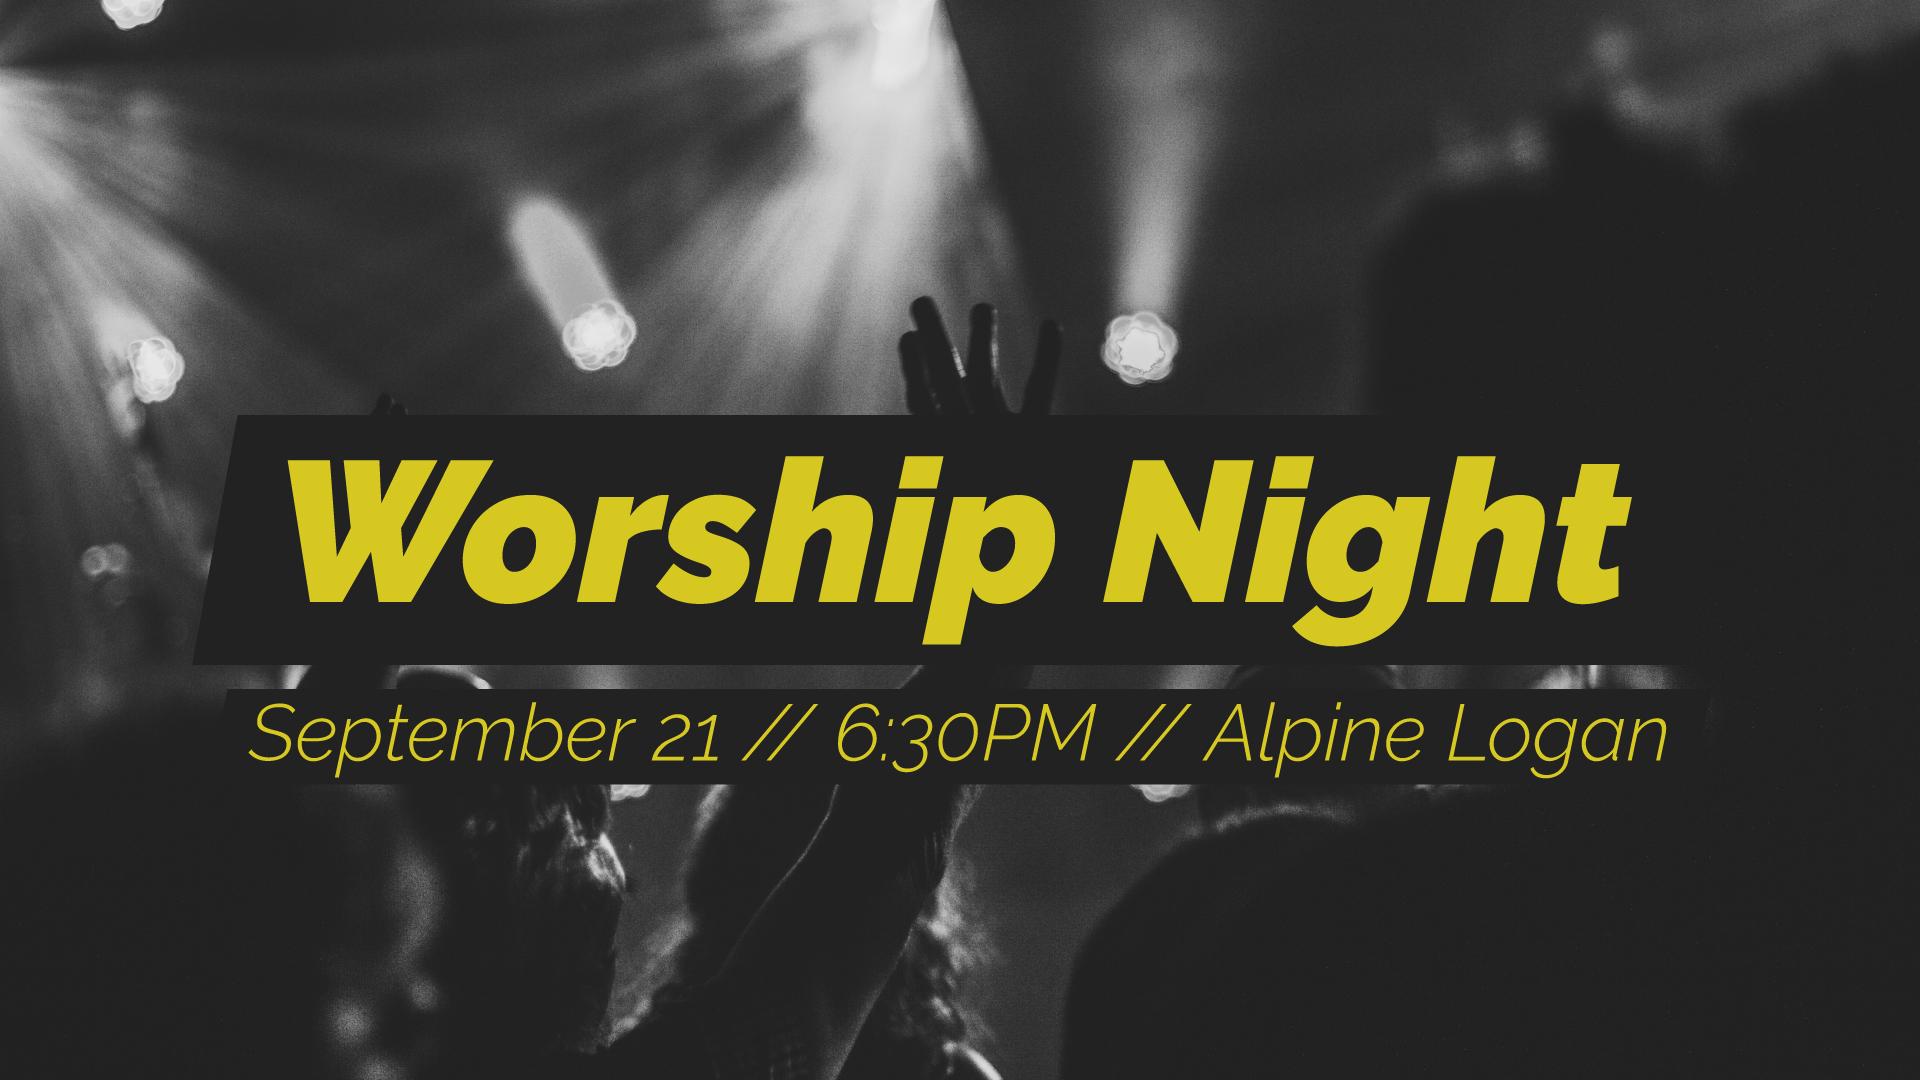 Worship-Night-logan.jpg